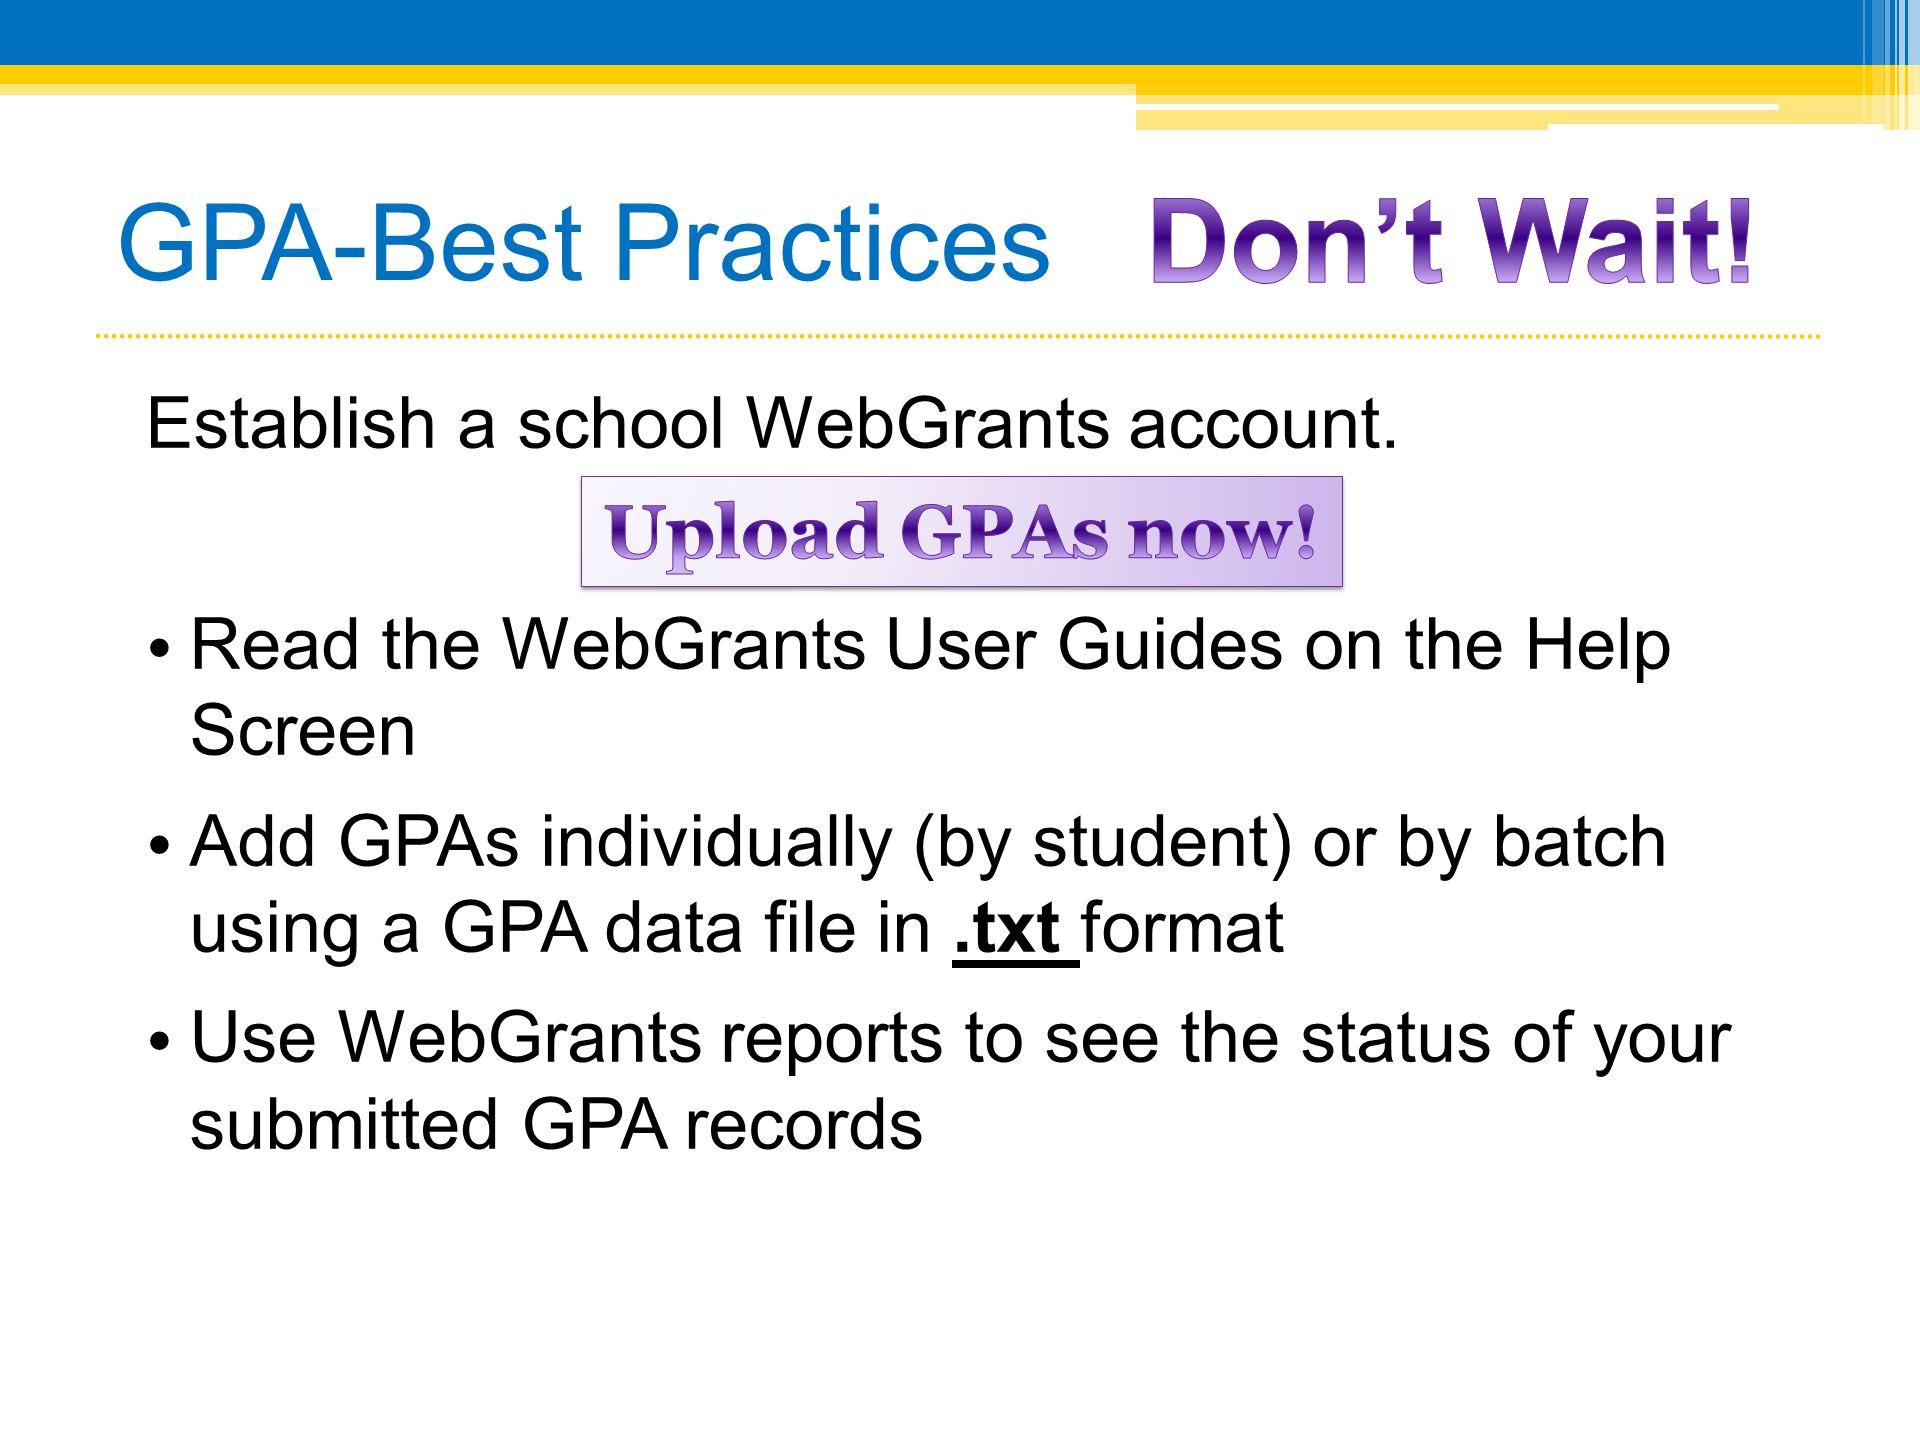 Don't Wait! GPA-Best Practices Upload GPAs now!